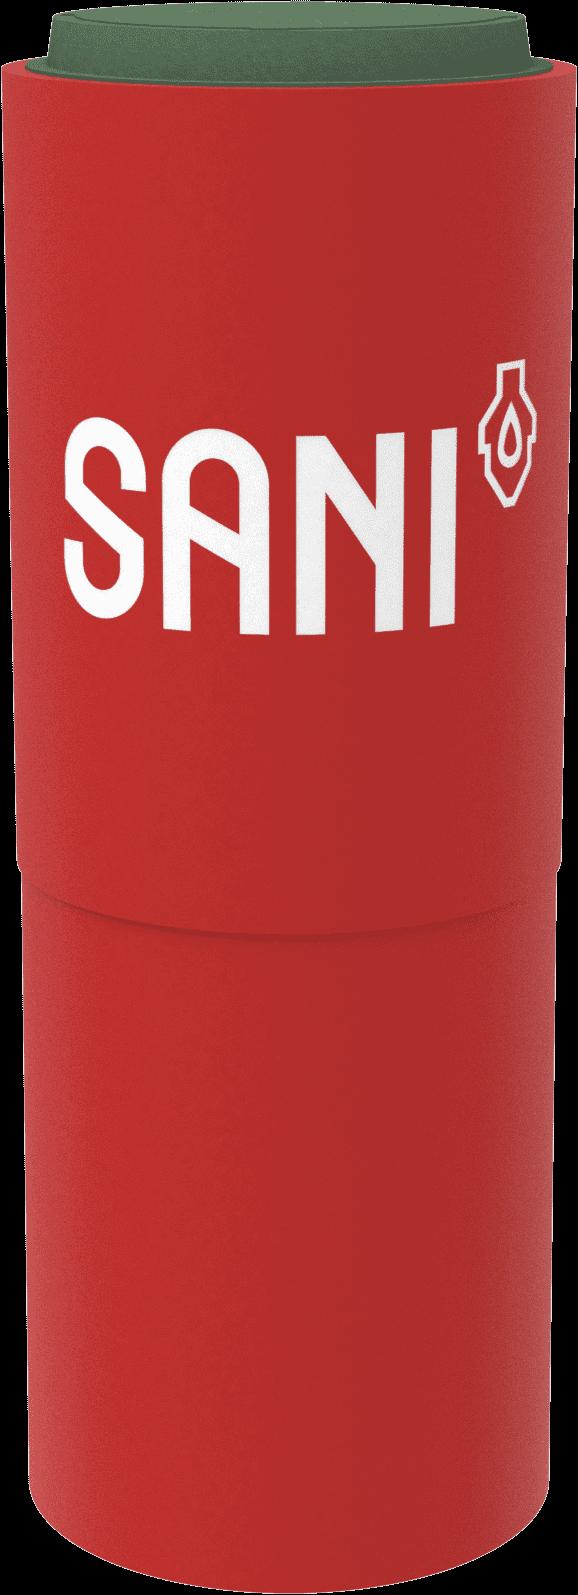 Дренажный колодец SANI-D - Отличная замена железобетонных колец